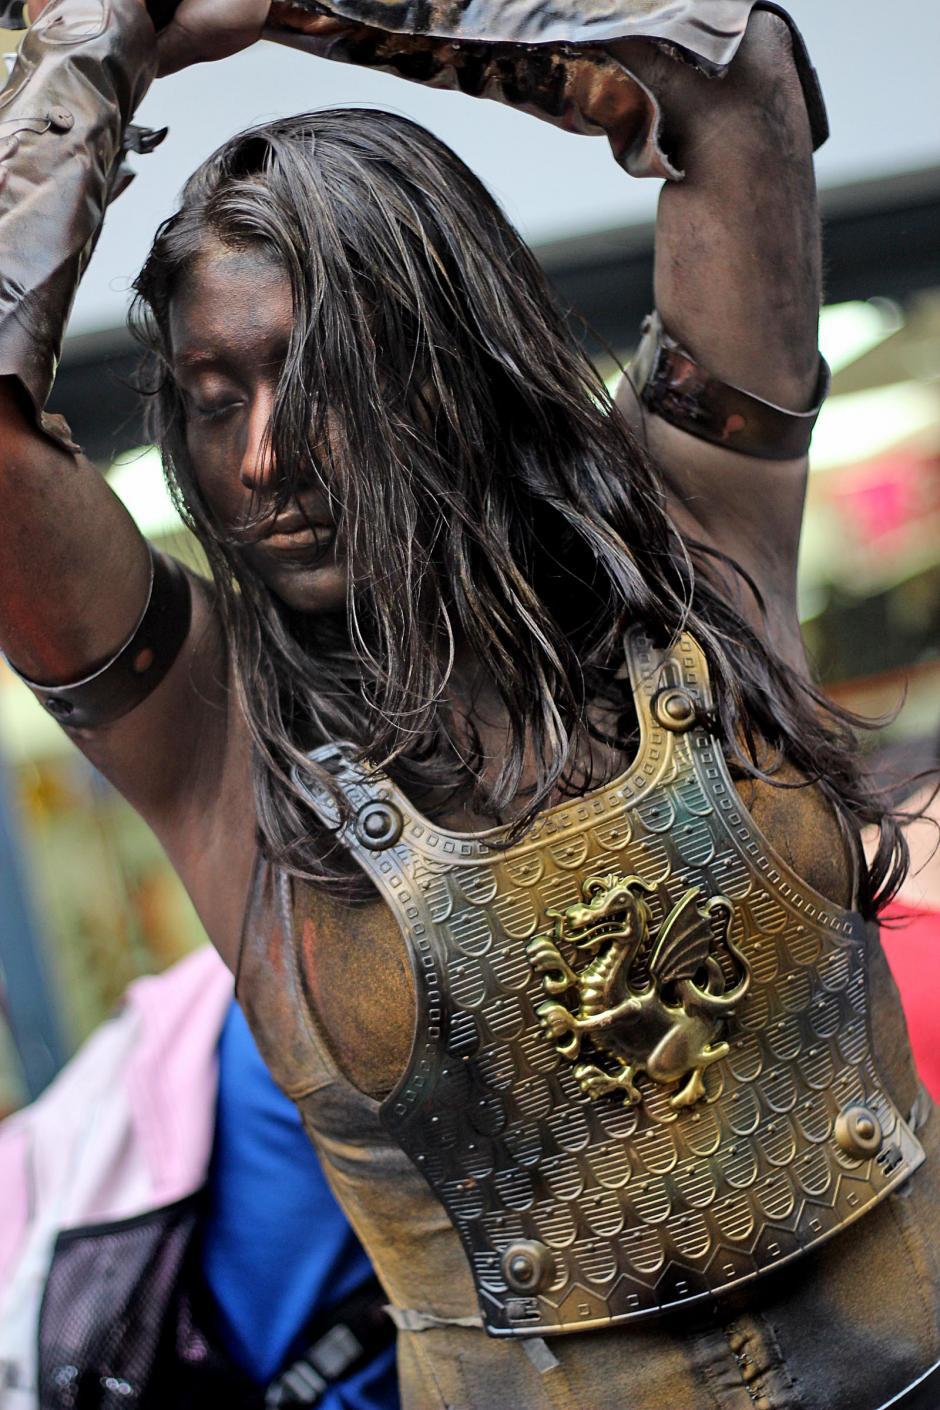 Estatua de Xena la princesa guerrera elevando su espada.